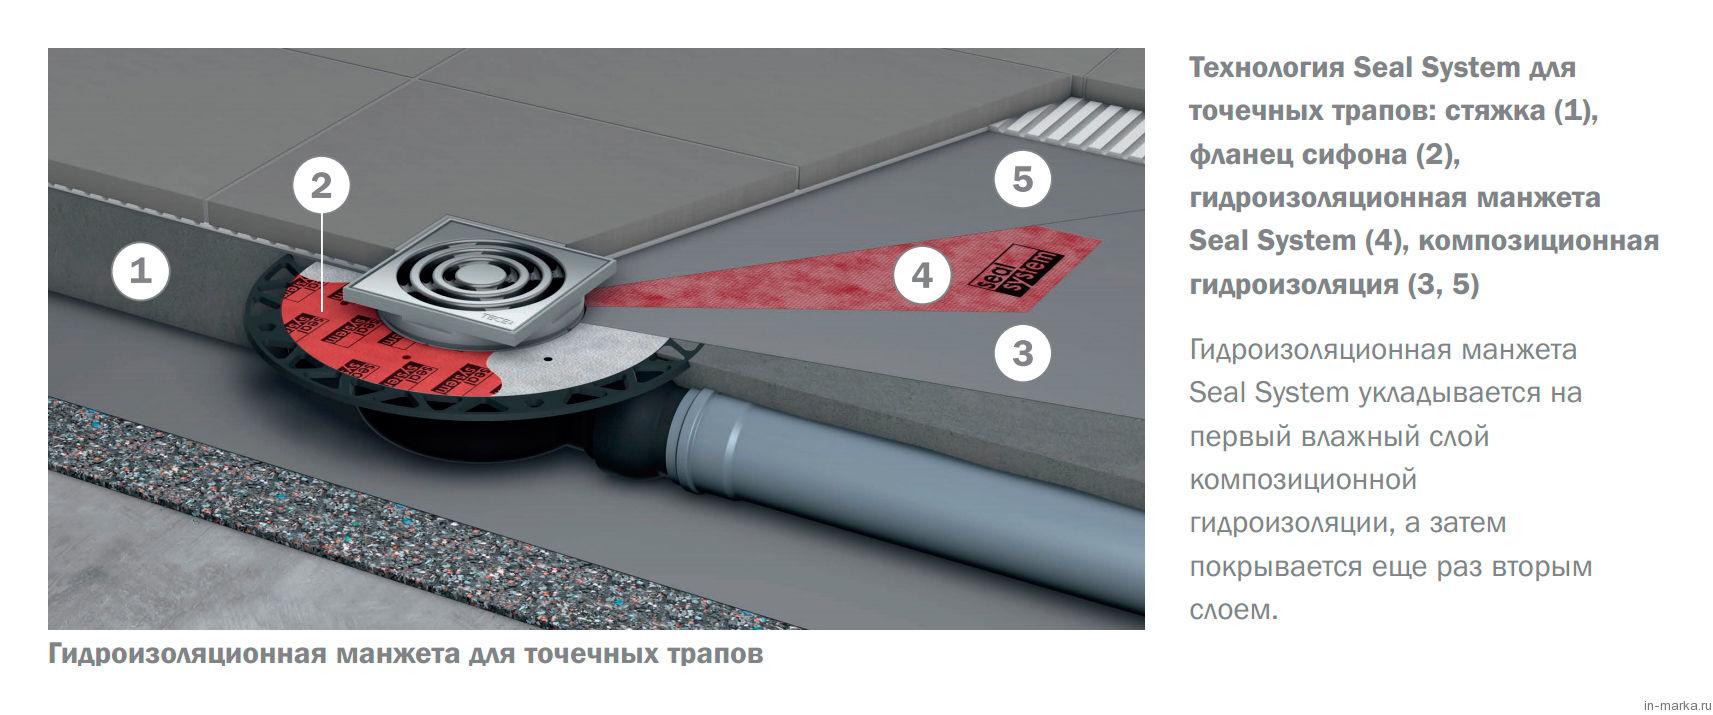 Душевой трап Tece TECEdrainpoint S 110 готовое решение